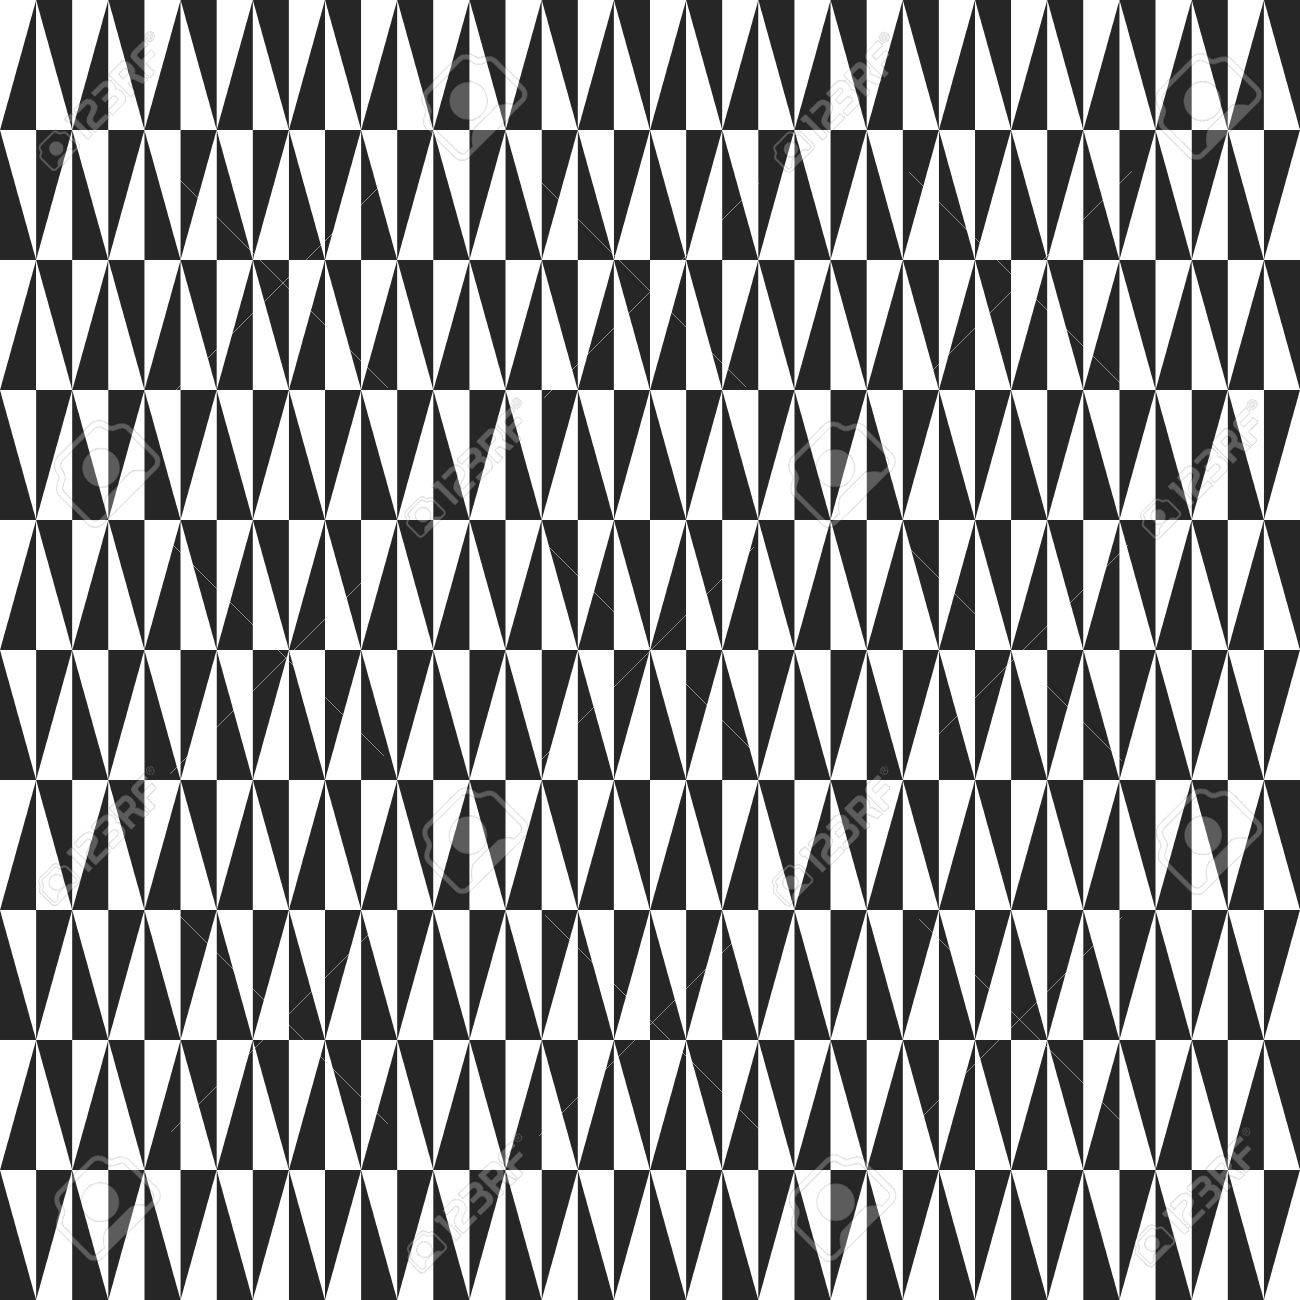 Geometrische Vektor Muster Mit Dreiecken. Nahtlose Zusammenfassung Textur  Für Tapeten Und Hintergründe. Schwarz